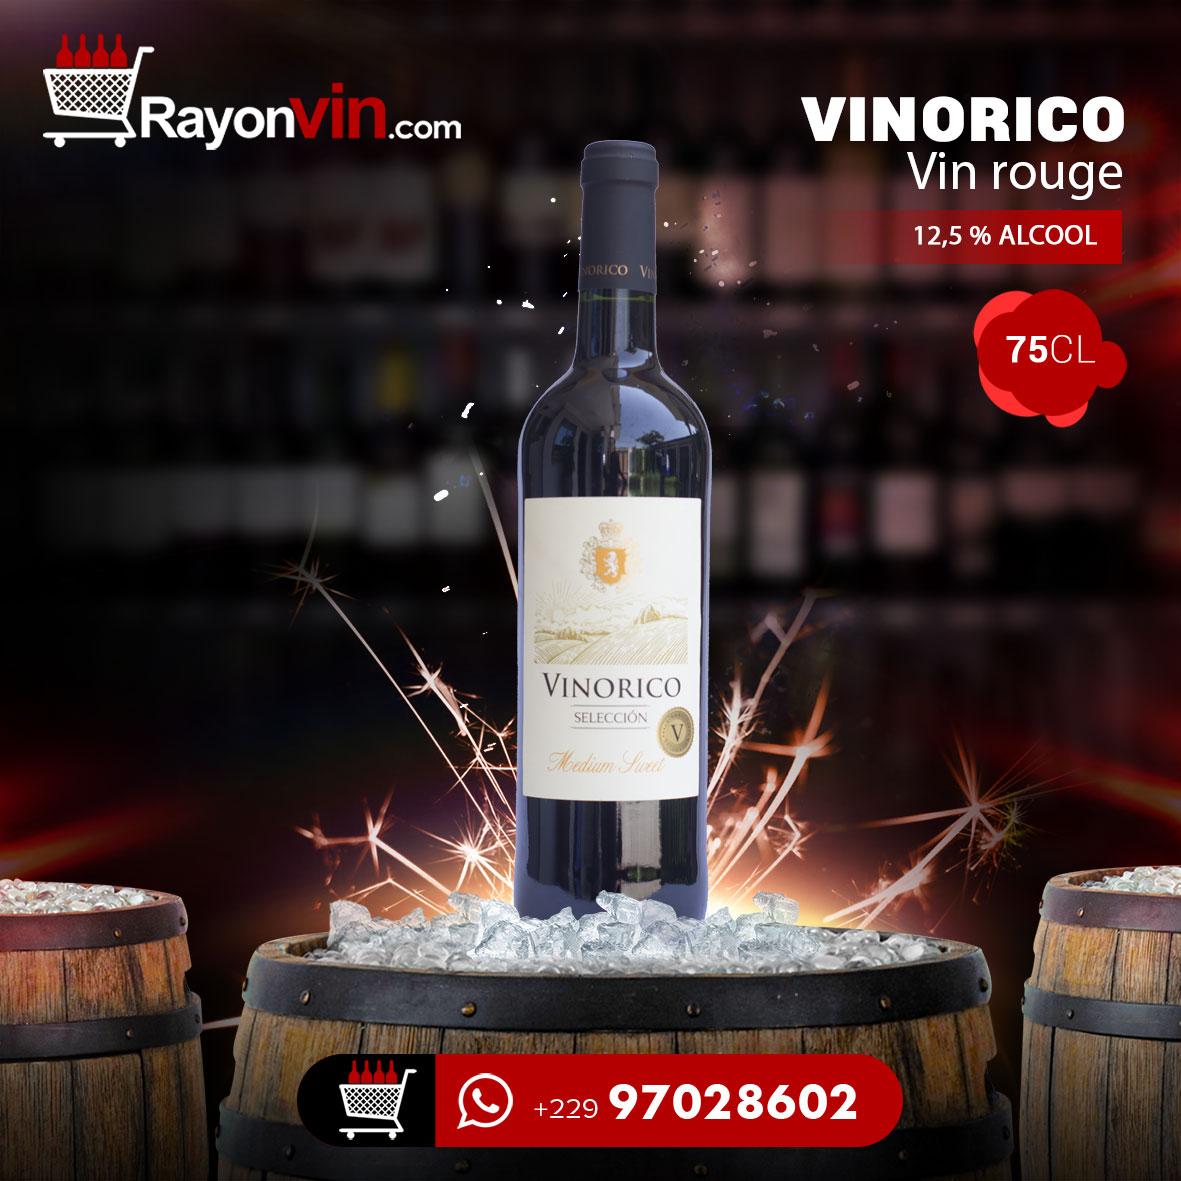 🍷 Vinorico Seleccion. Vin rouge moelleux-75cL.   Commandez dès maintenant sur  ou au +229 97 02 86 02 (Appels/Whatsapp). Et faites-vous livrer en quelques minutes. --- #vin #champagne #wine #party #winelover #christmas #love #champagnelover #cocktails